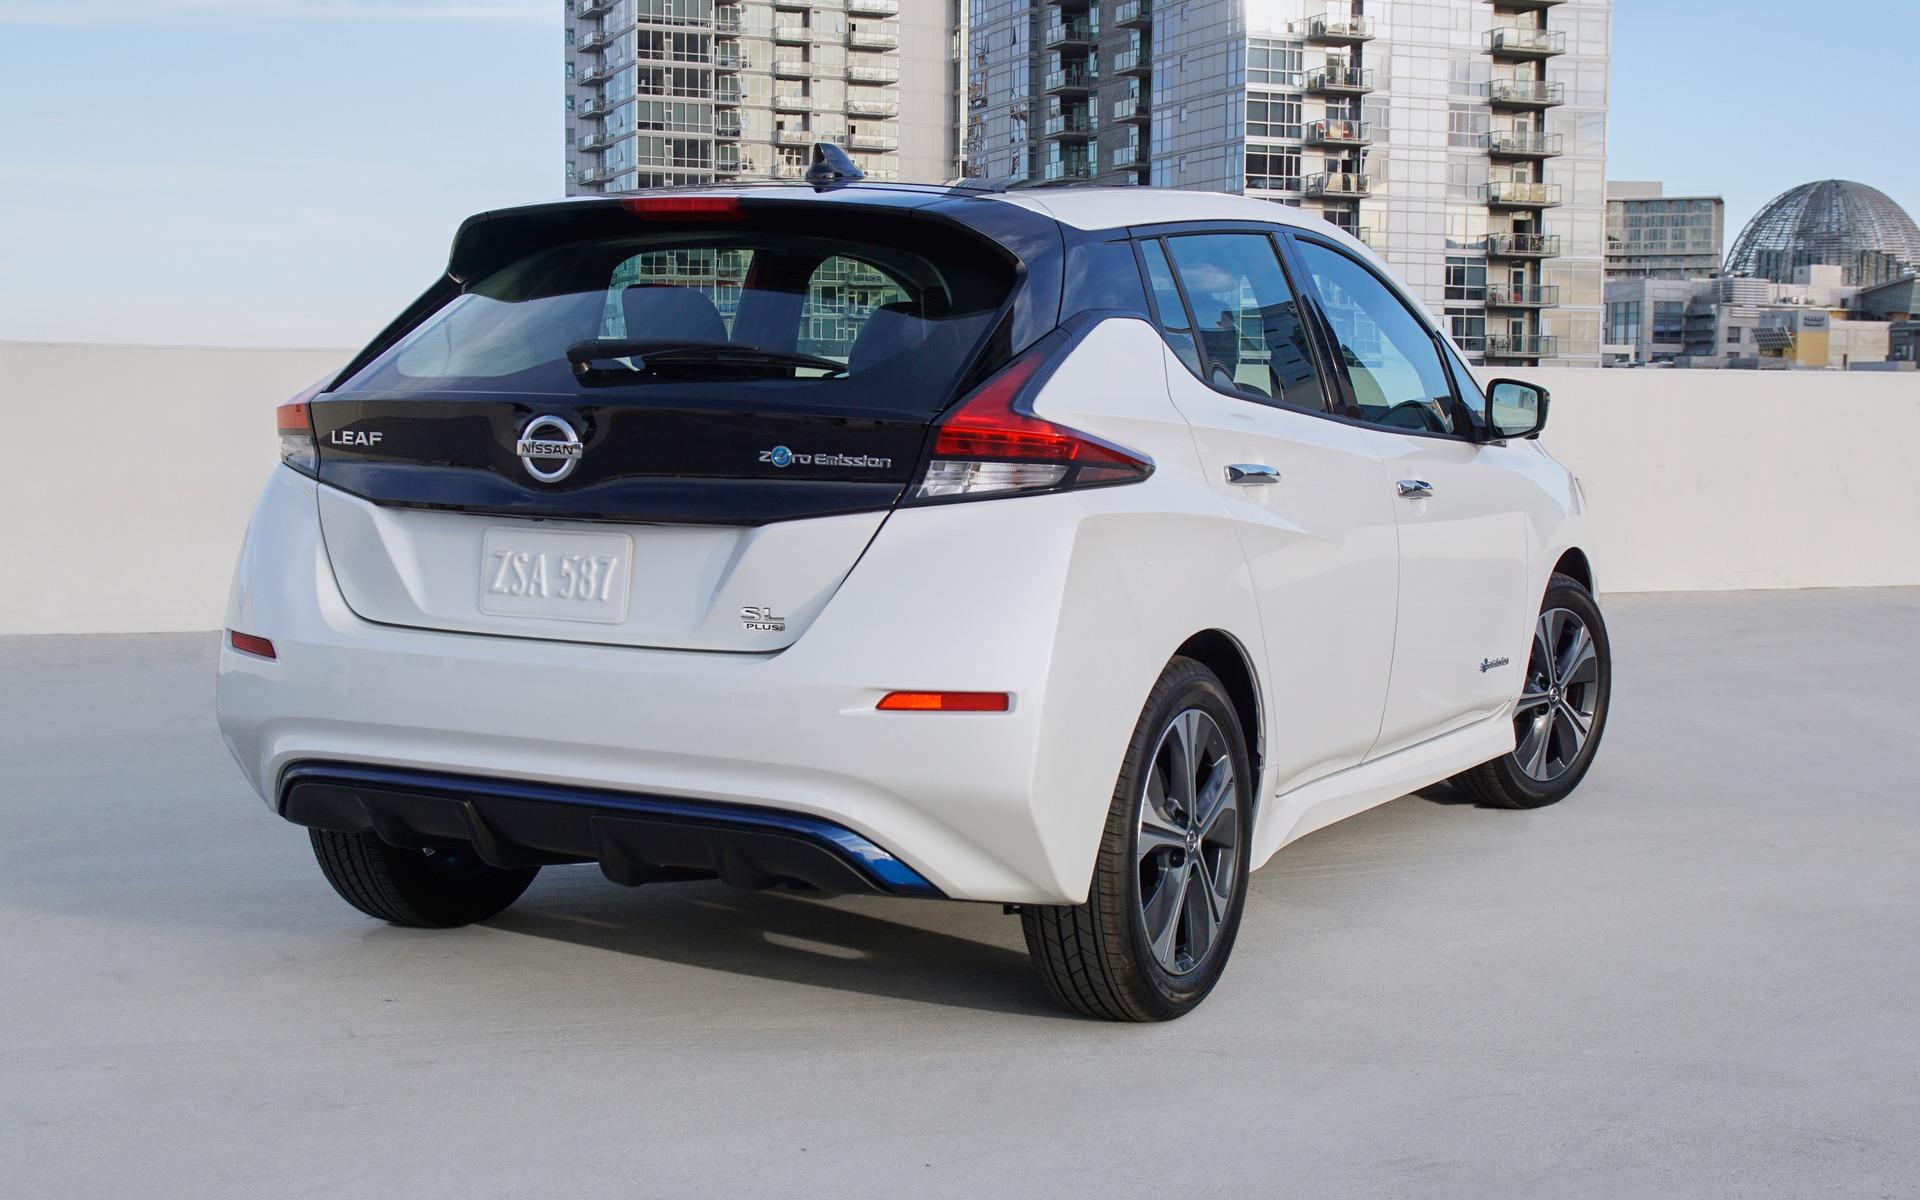 Nissan dévoile une LEAF PLUS à autonomie prolongée 362189_2019_Nissan_LEAF